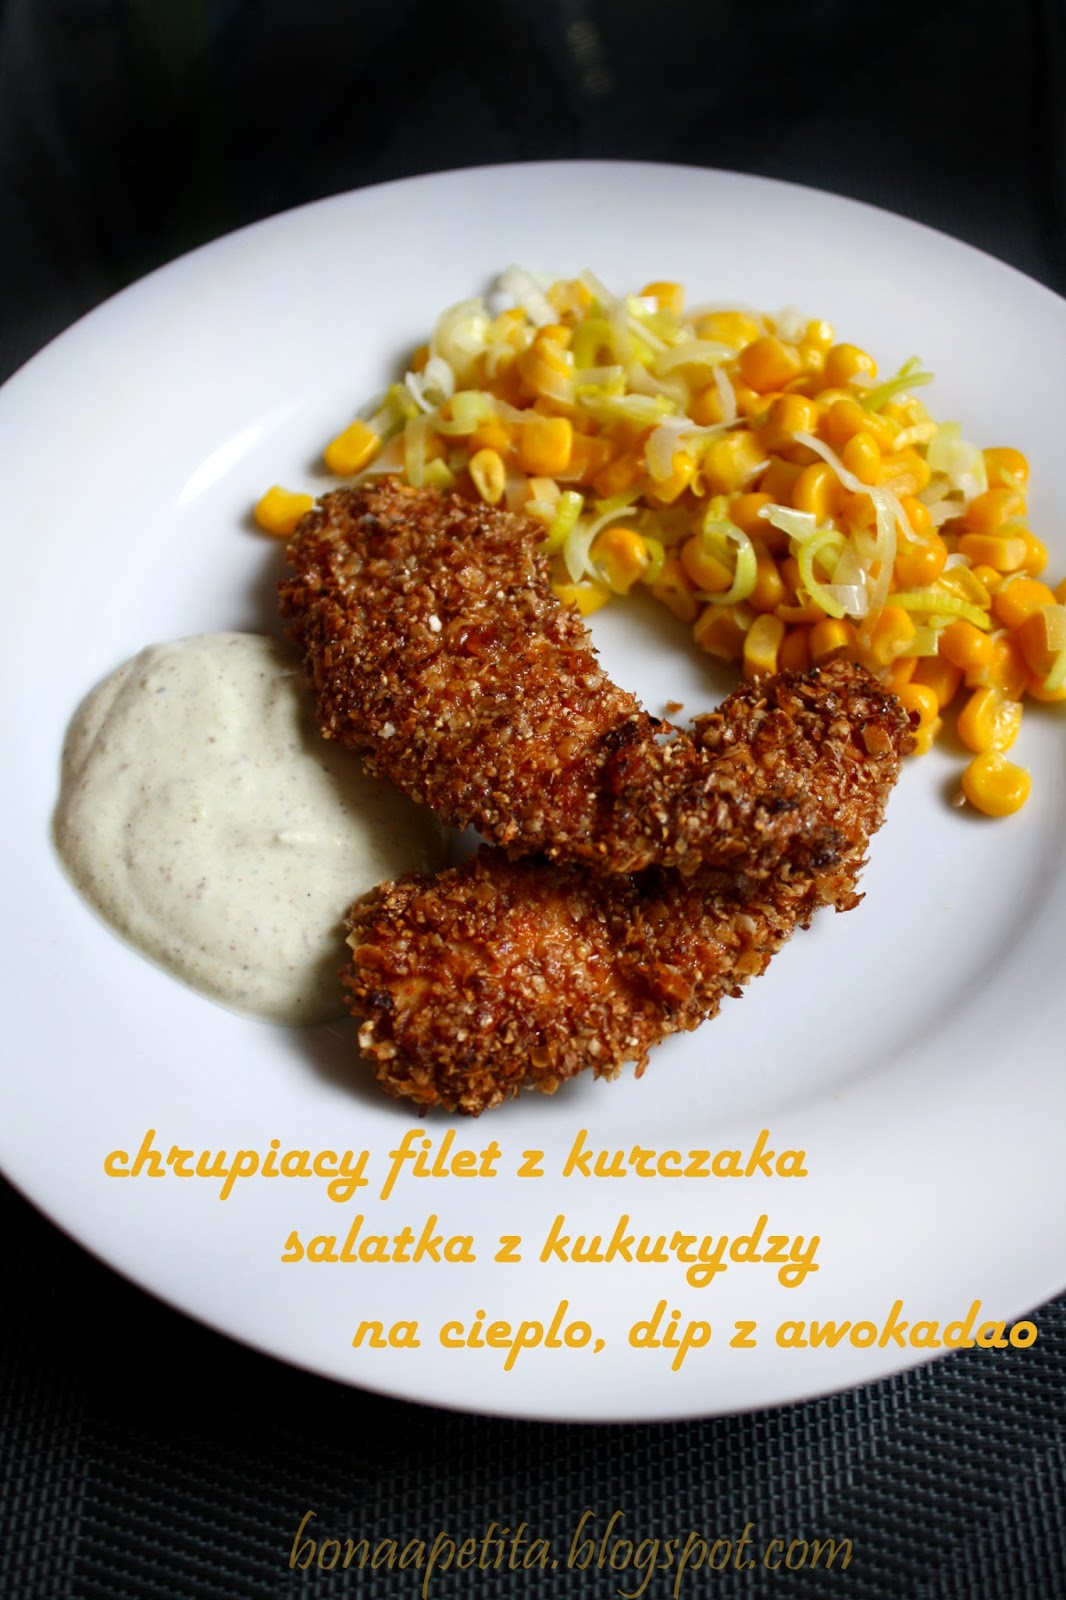 Chrupiący filet z kurczaka, sałatka z kukurydzy na ciepło, dip z awokado